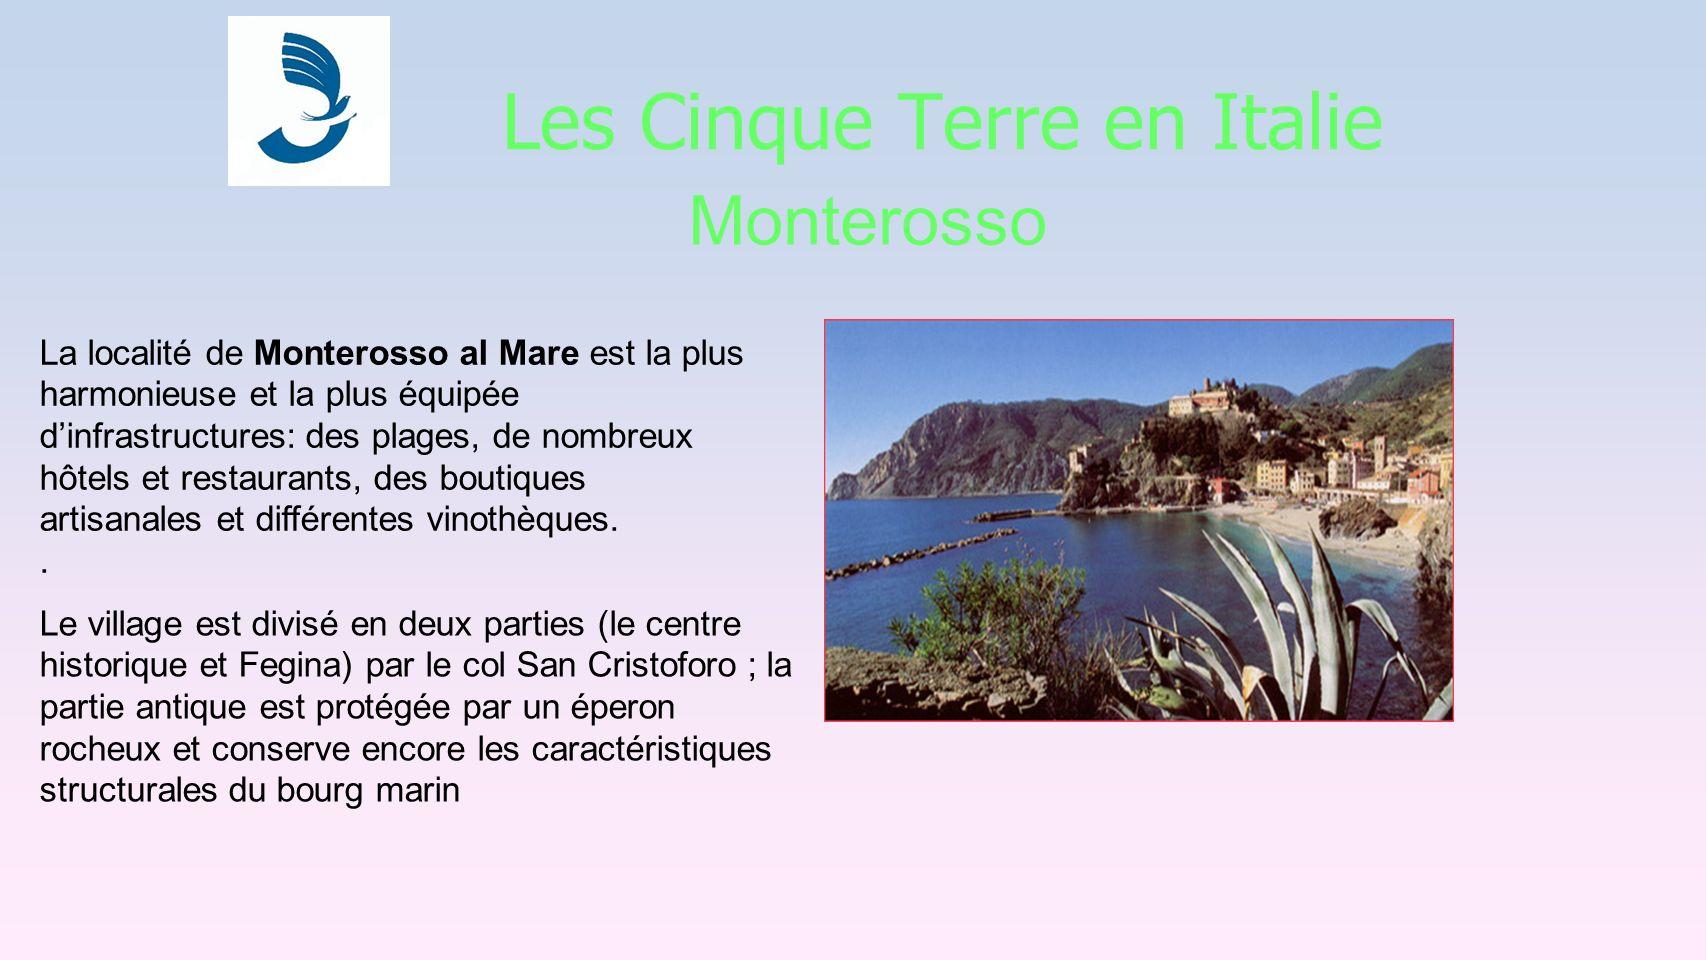 Les Cinque Terre en Italie Monterosso La localité de Monterosso al Mare est la plus harmonieuse et la plus équipée dinfrastructures: des plages, de nombreux hôtels et restaurants, des boutiques artisanales et différentes vinothèques..